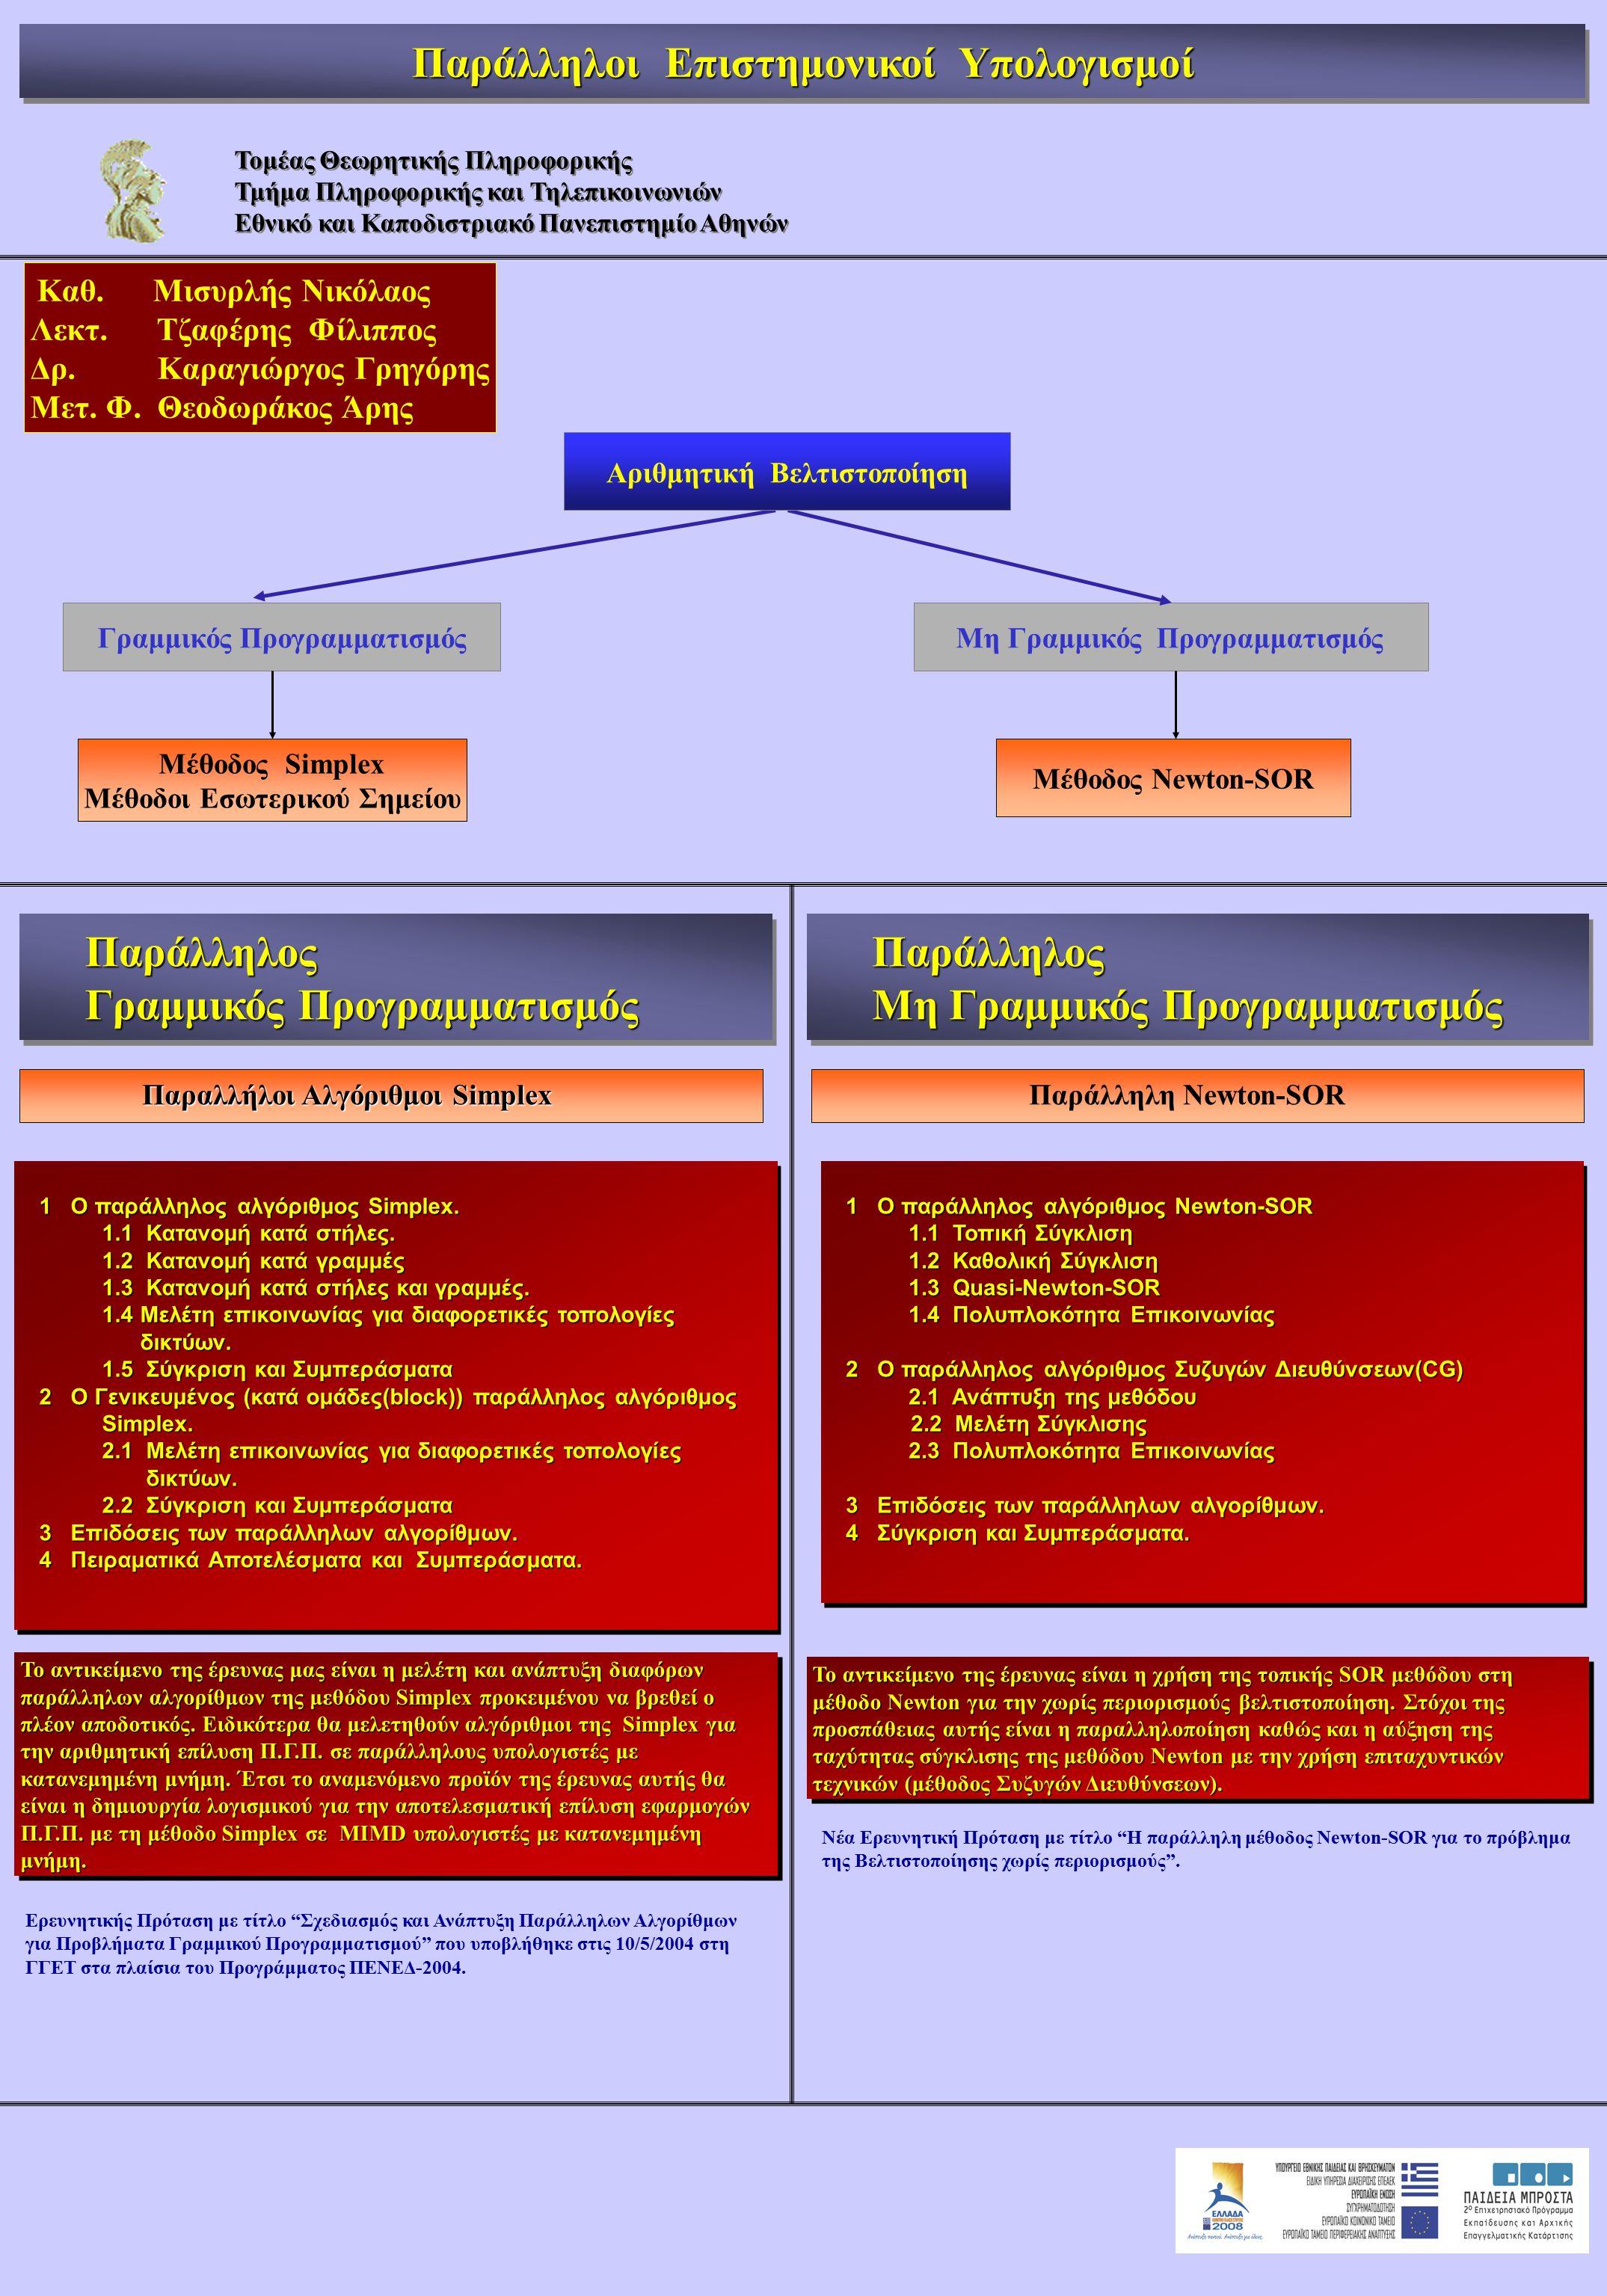 Παράλληλοι Επιστημονικοί Υπολογισμοί Τομέας Θεωρητικής Πληροφορικής Τμήμα Πληροφορικής και Τηλεπικοινωνιών Εθνικό και Καποδιστριακό Πανεπιστημίο Αθηνώ